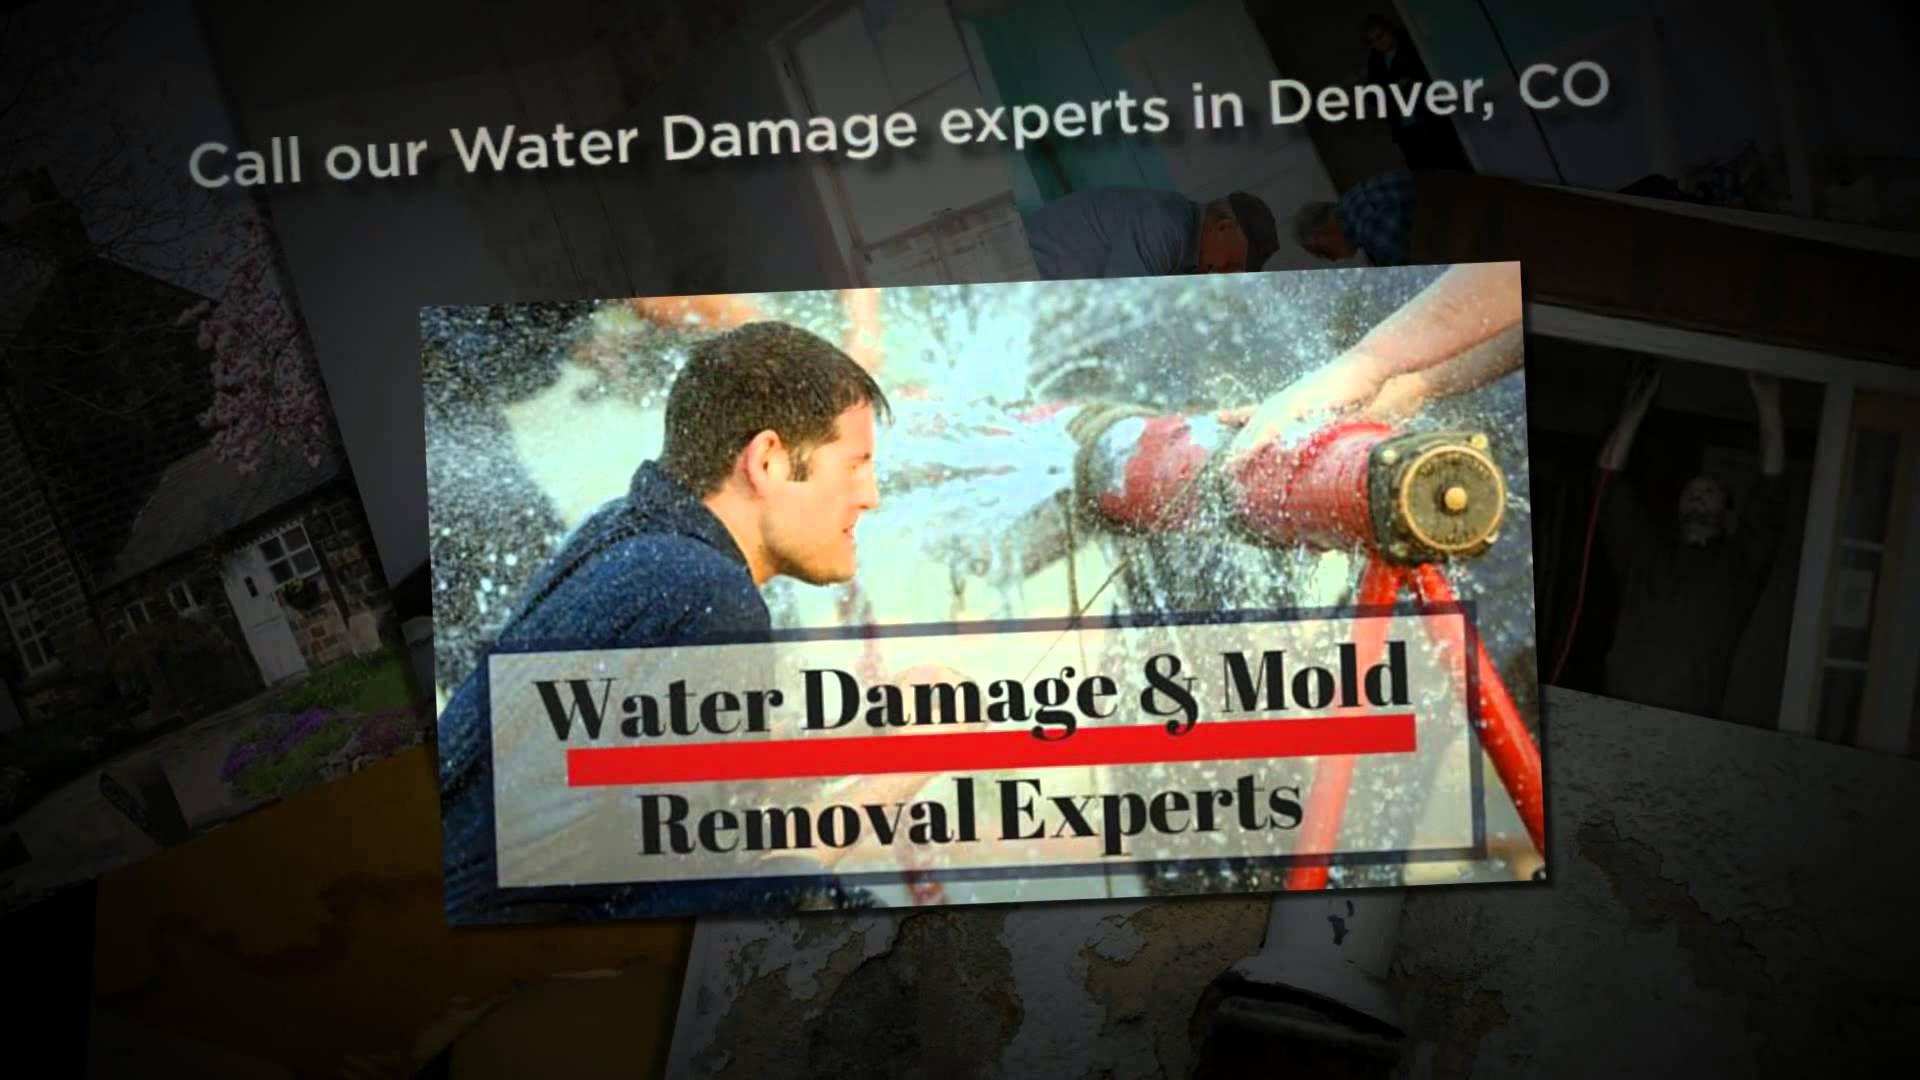 Denver Water Damage Restoration Call 551 227 3001 Or Http